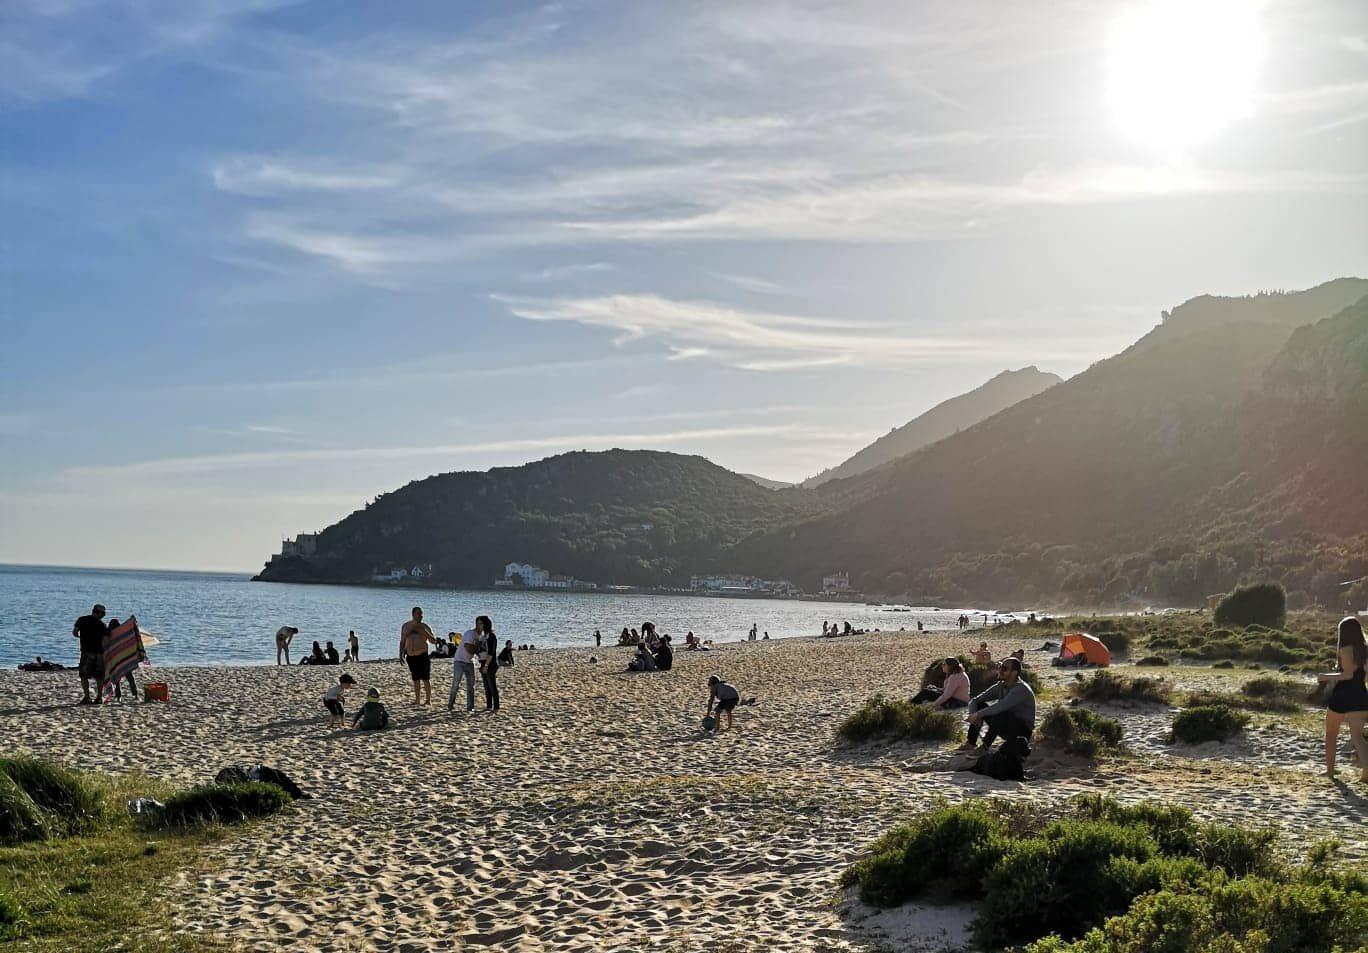 plage secrète de Portinho Da Arrabida à côté de Lisbonne, une des plus belles et tranquilles plages de Lisbonne